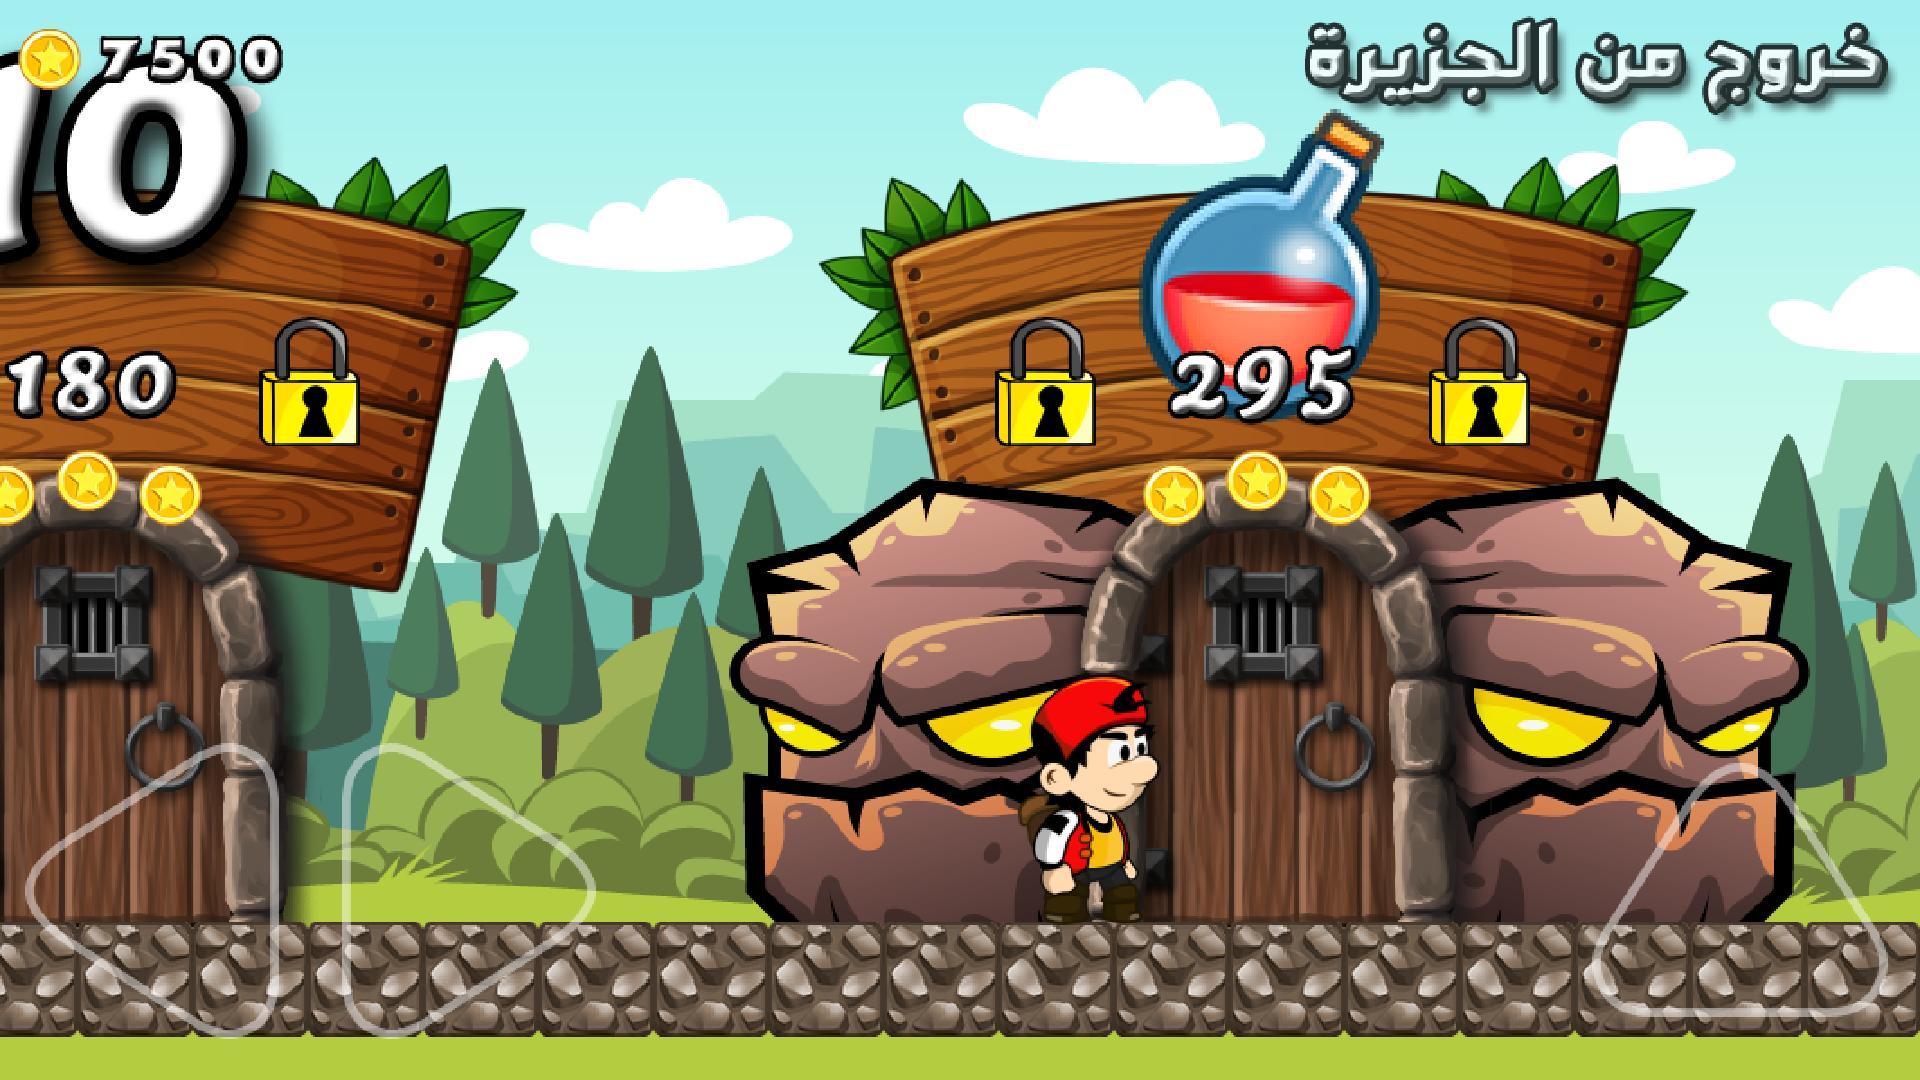 سوبر فرحان 👲 لعبة مغامرات 1.1.3 Screenshot 4